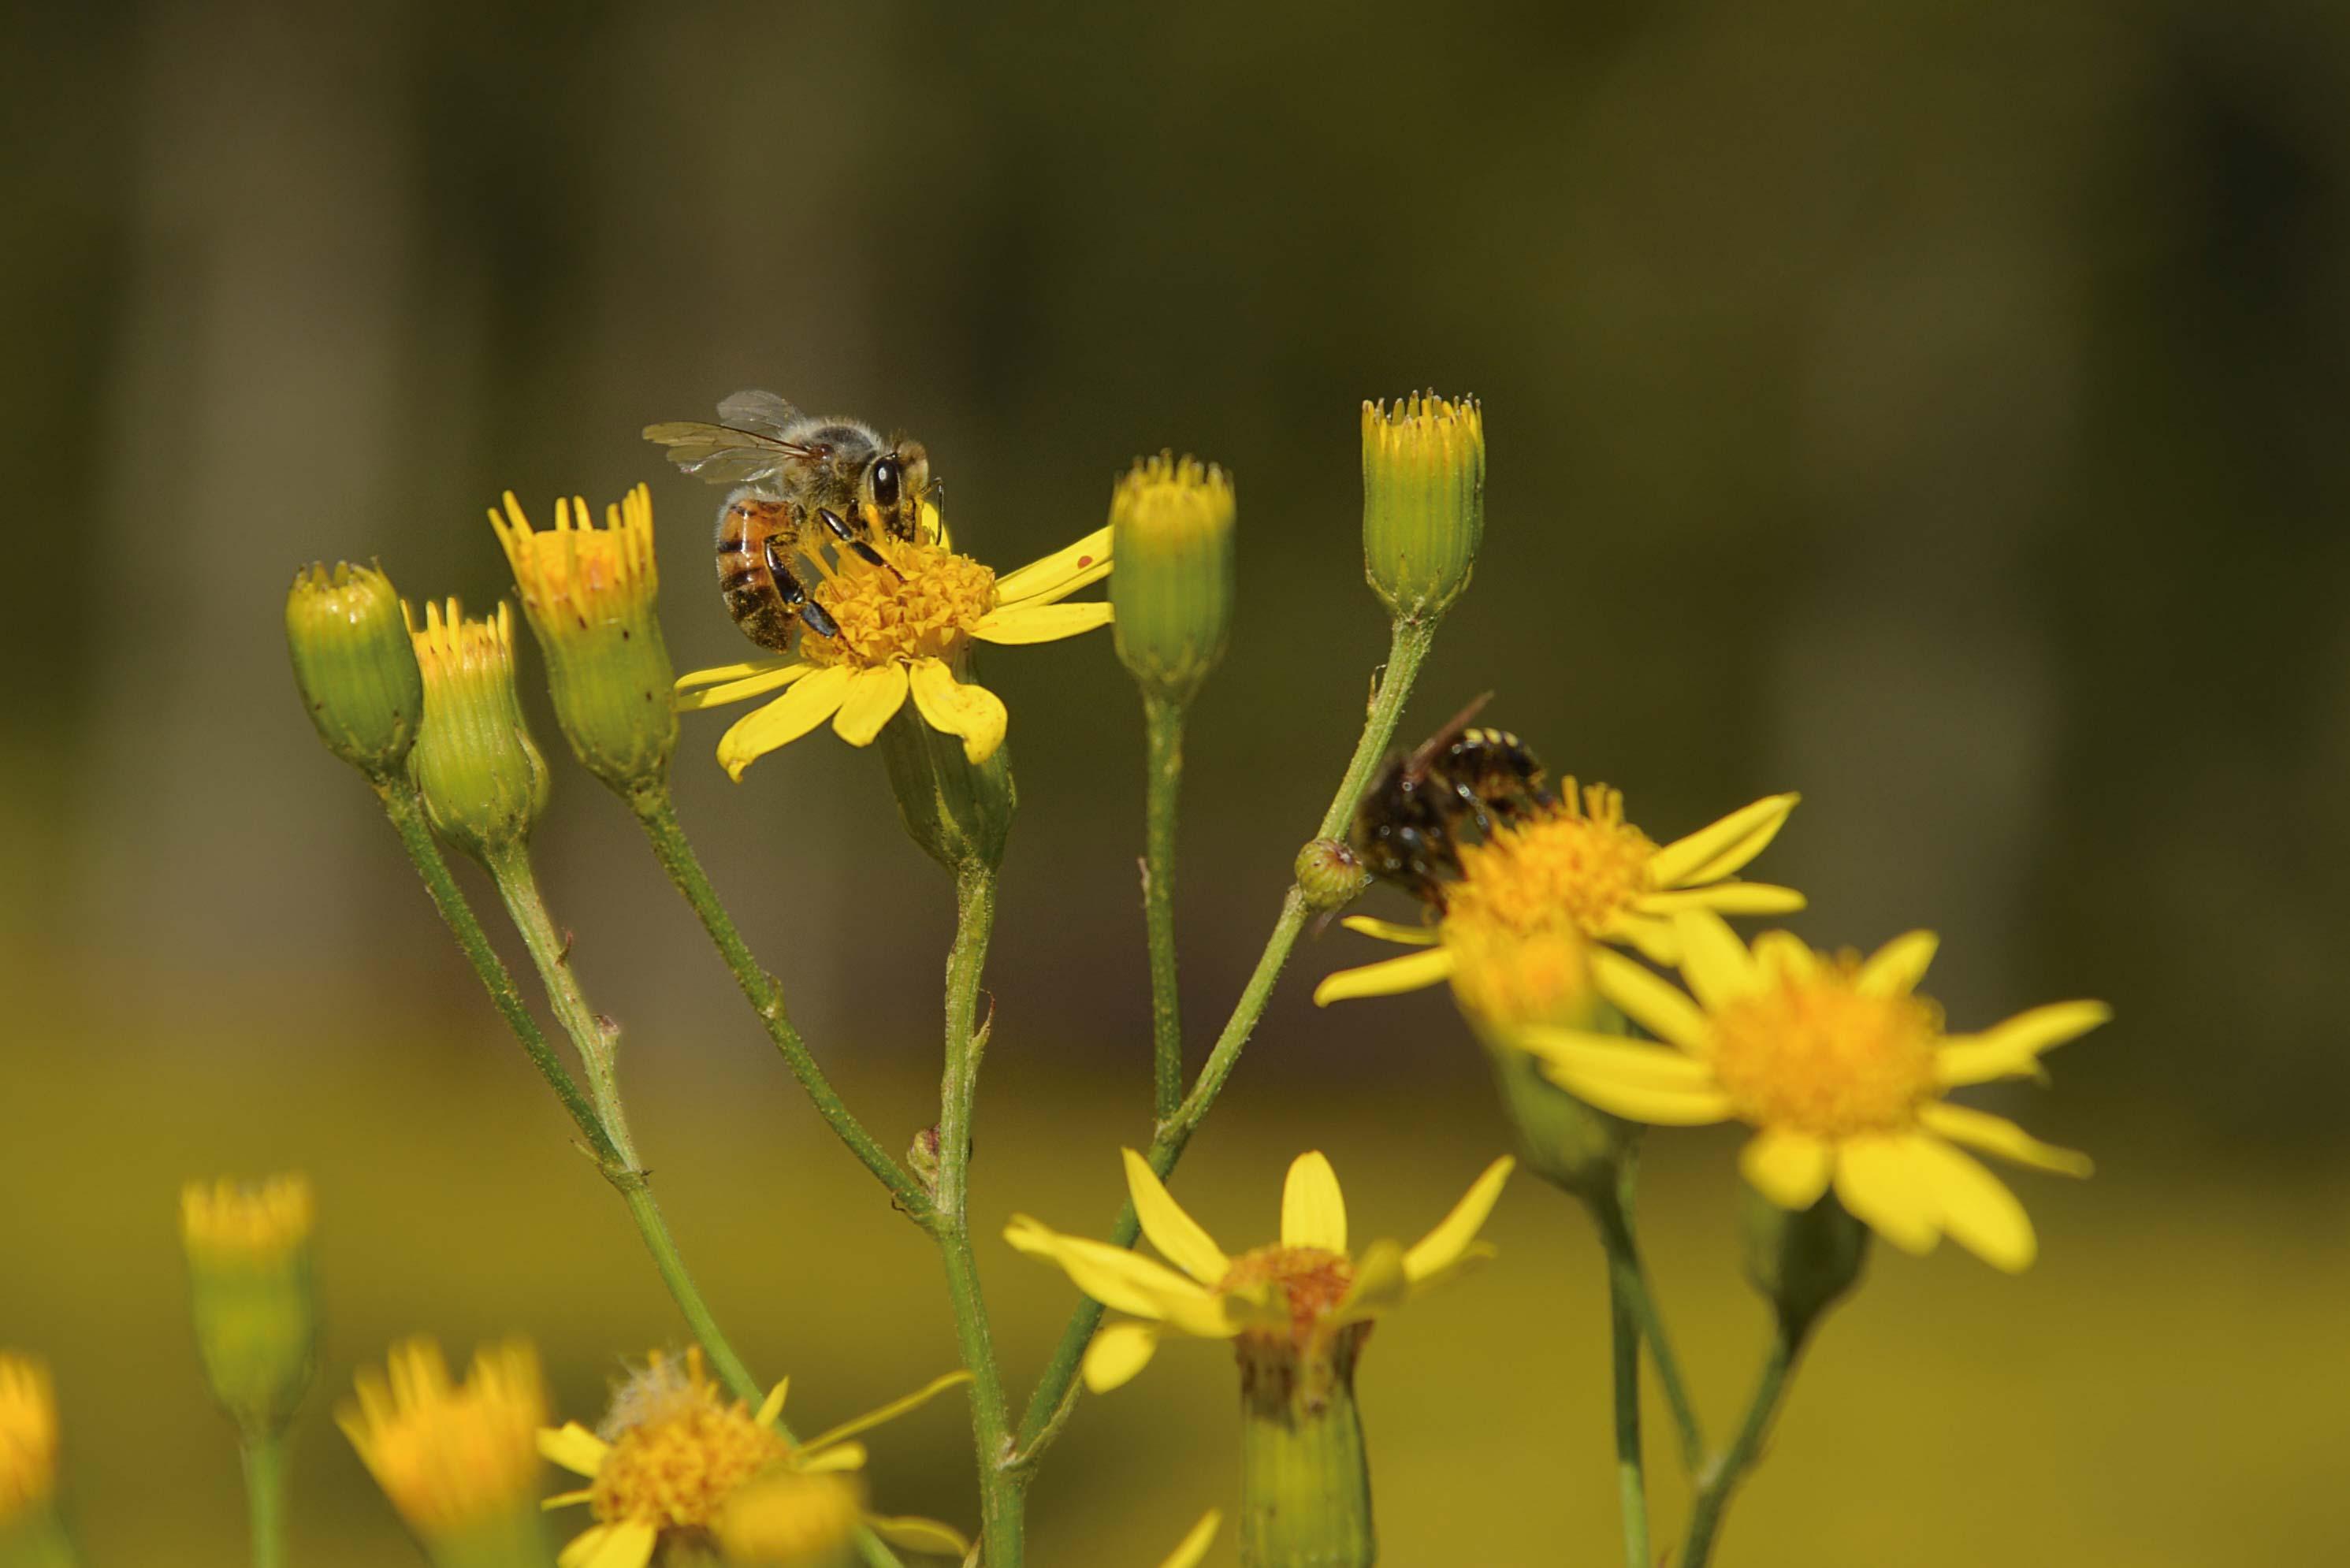 Mantiqueira-Meio-Ambiente-abelha-Roberto-Torrubia-bx